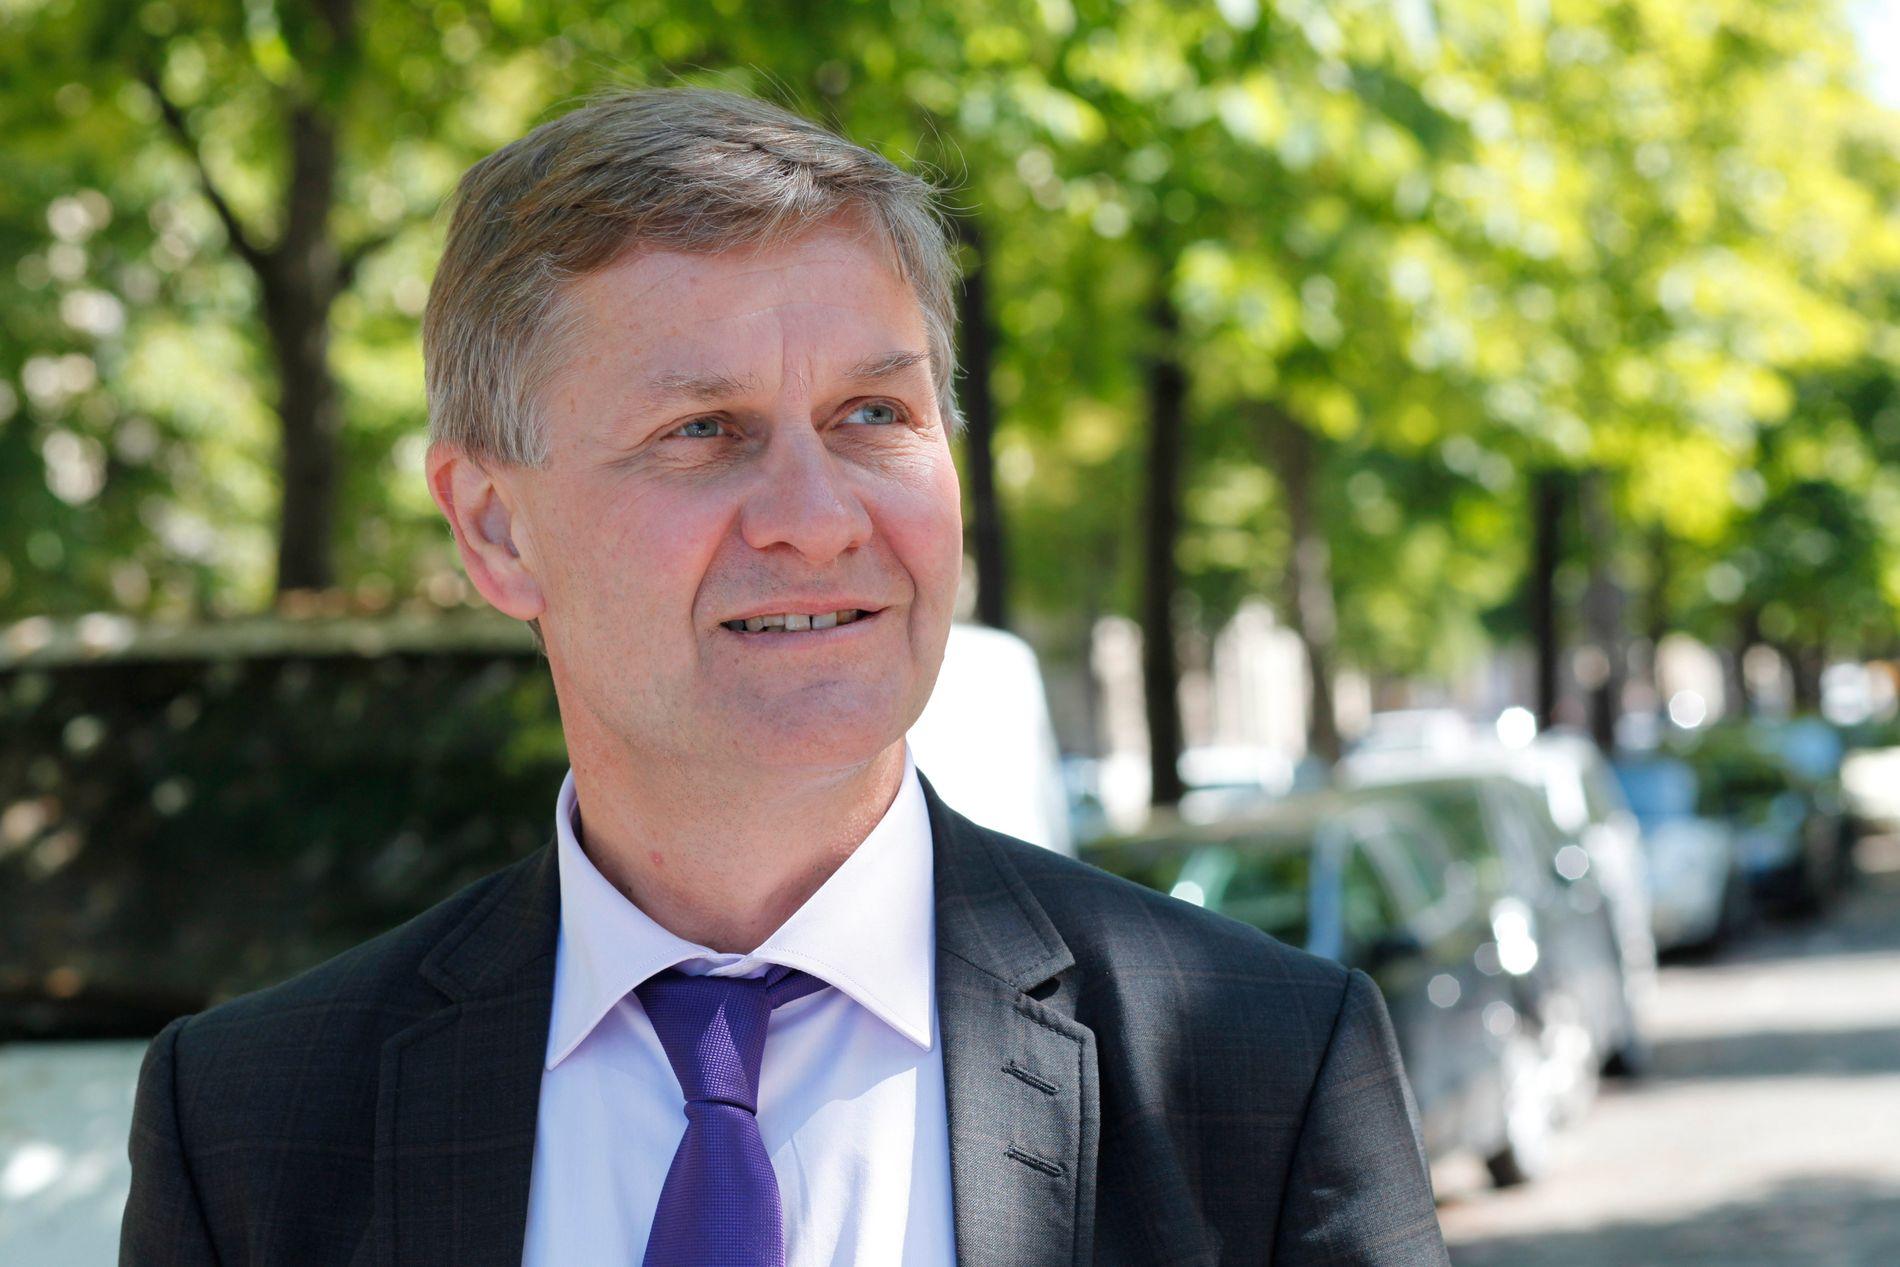 AVVISER REISE-REFS: FN-topp Erik Solheim mener det er  bred forståelse i medlemslandene for at reising er en viktig del av jobben.